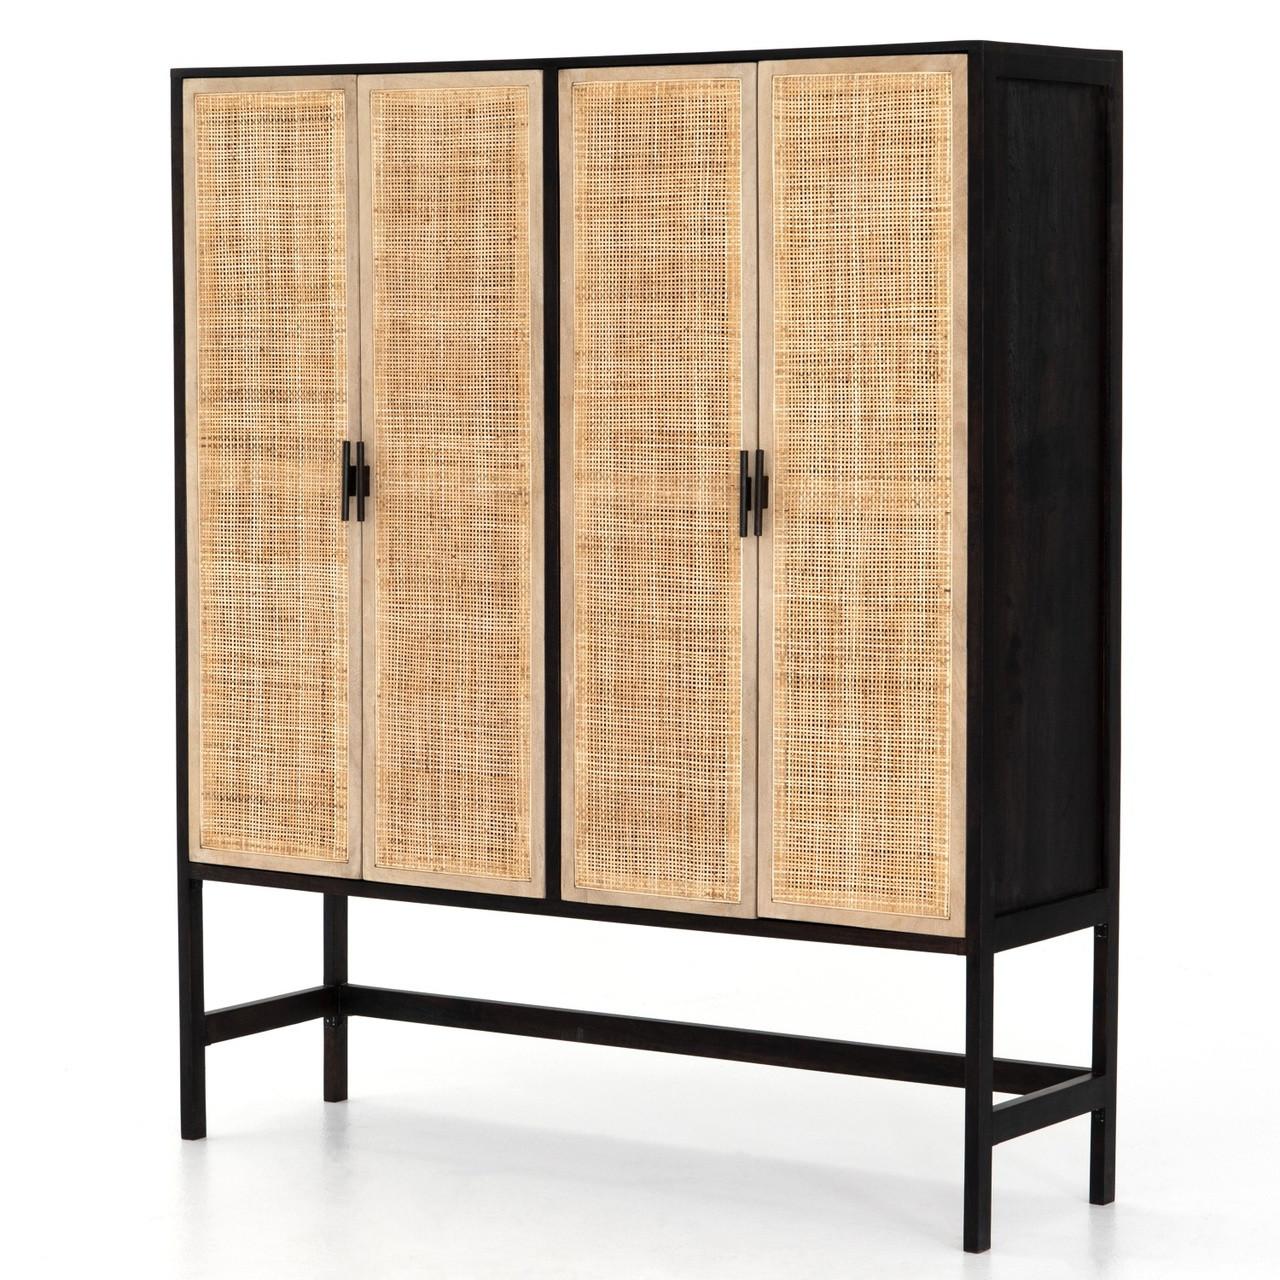 Merveilleux Audrey Woven Wicker 4 Door Storage Cabinet